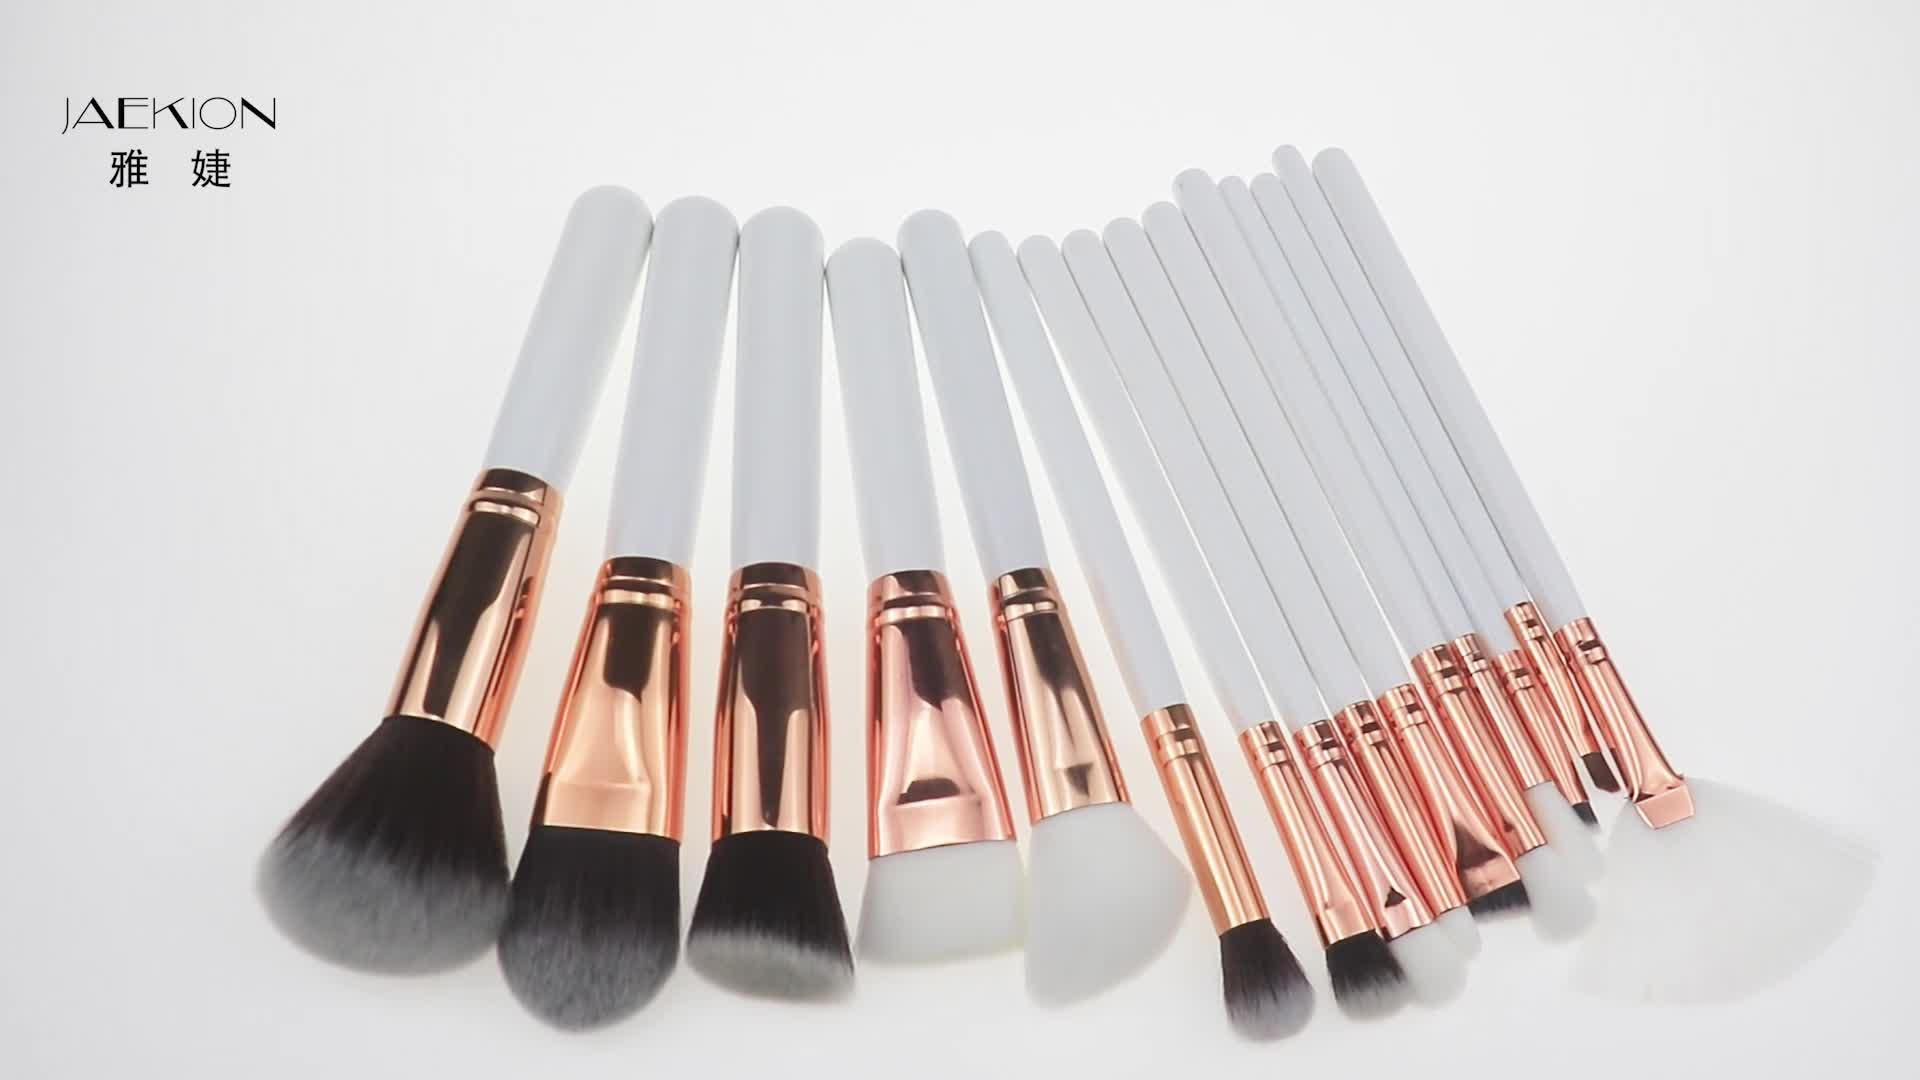 Großhandel Professionelle 15 stücke Neue Weiß Make-Up Schönheit Kosmetische Make-up Pinsel Kit Weiche Synthetische Haar Tragbare Make-Up Pinsel Set